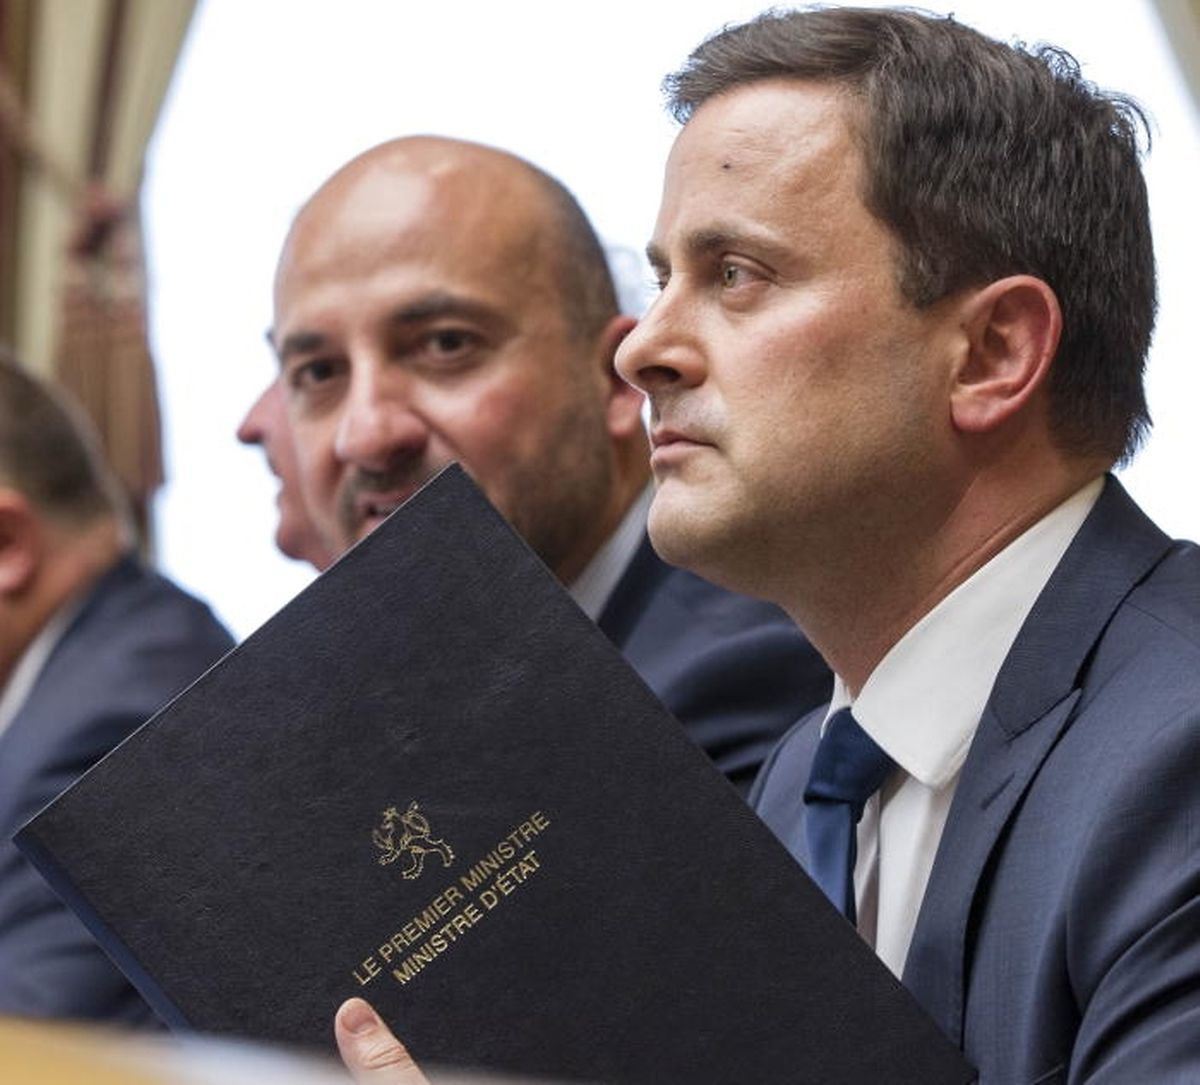 Un mois après l'état de la nation, une autre date importante attend le Premier ministre Xavier Bettel et son vice-premier ministre Etienne Schneider avec le référendum.